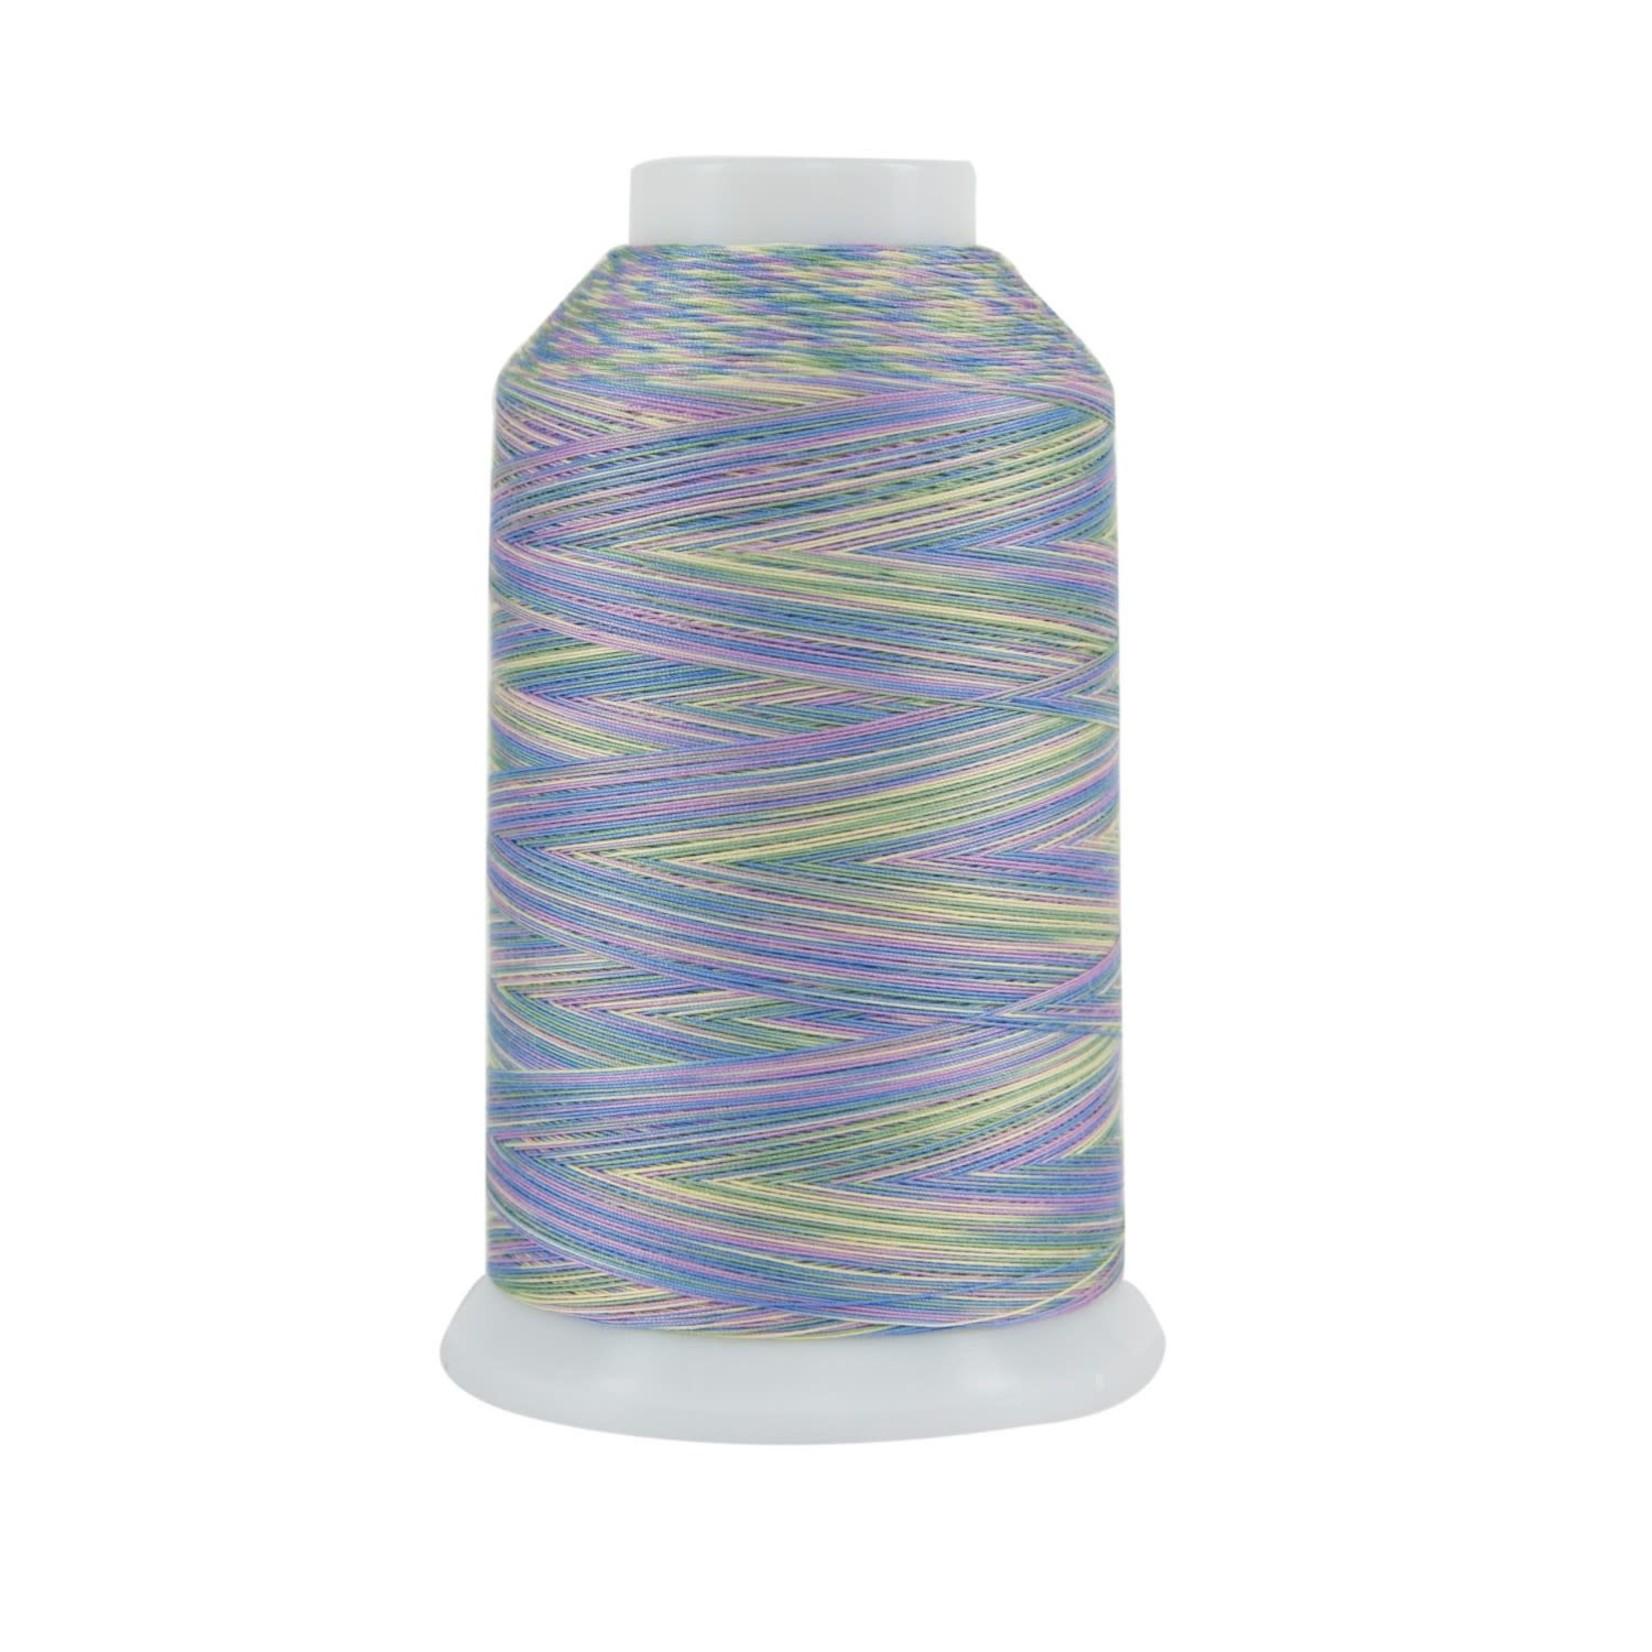 Superior Threads King Tut - #40 - 1828 m - 0905 Baby Blankets